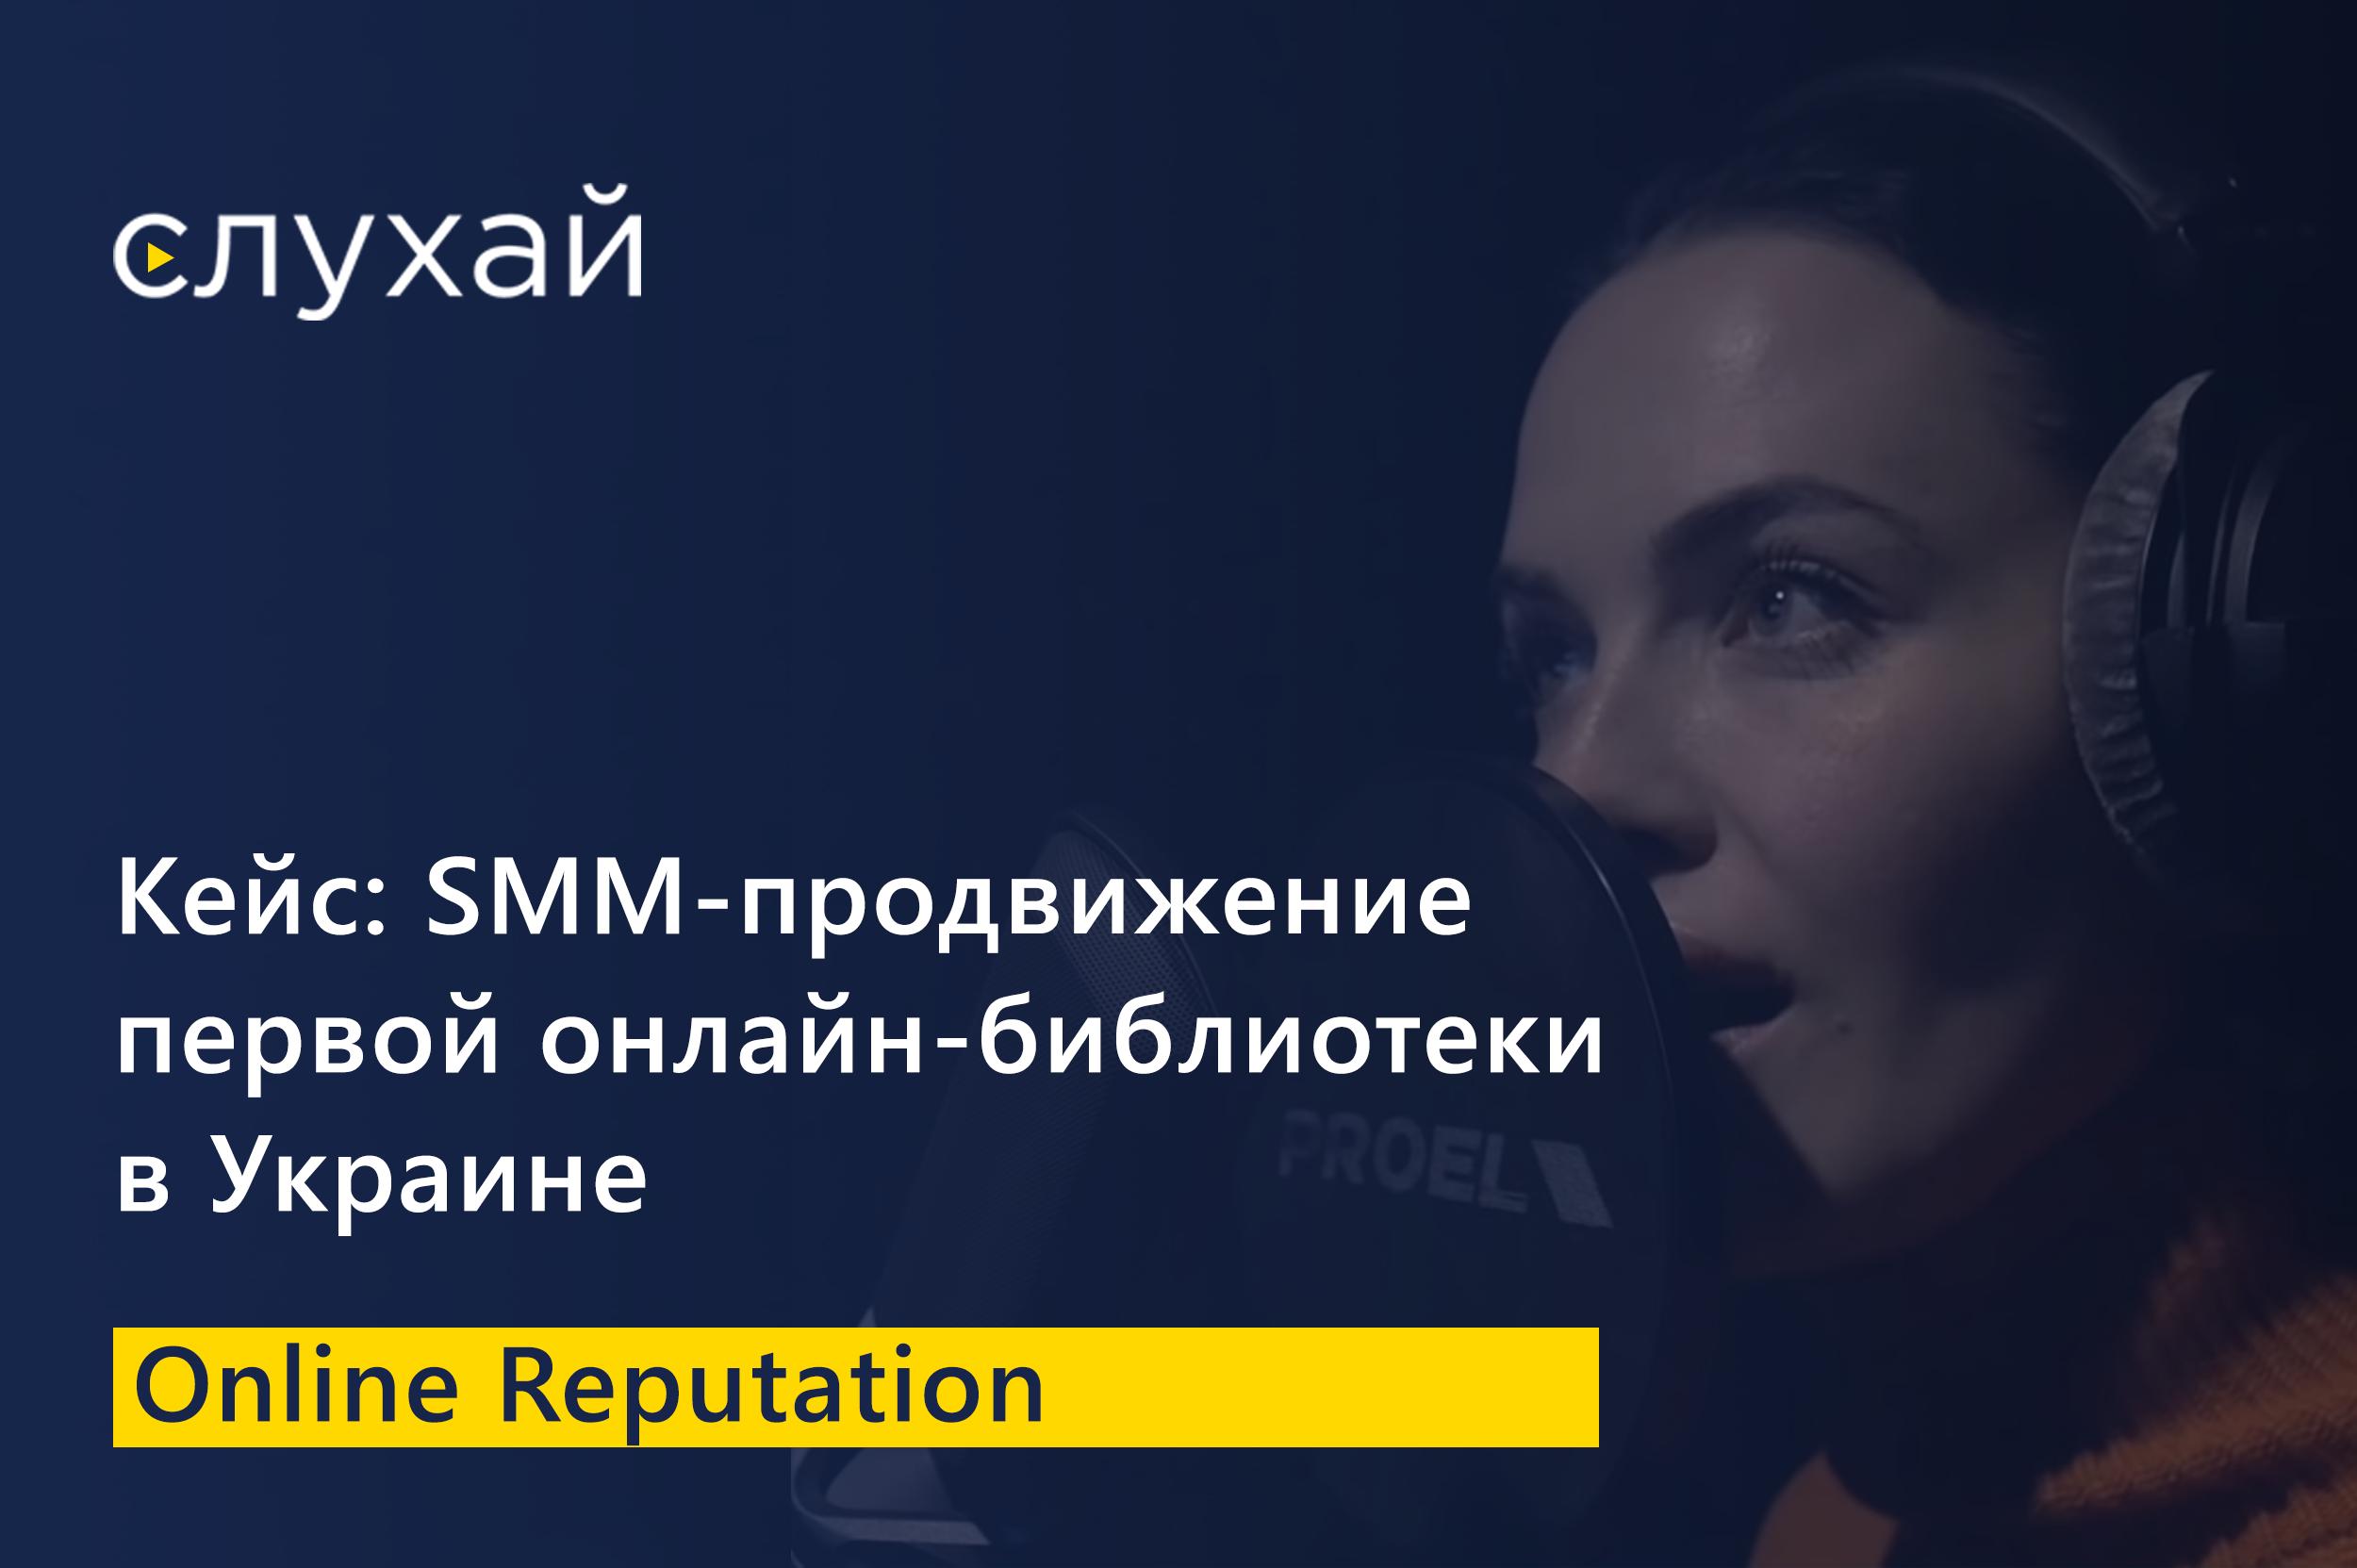 Кейс: SMM-продвижение первой онлайн-библиотеки в Украине – «Слухай»